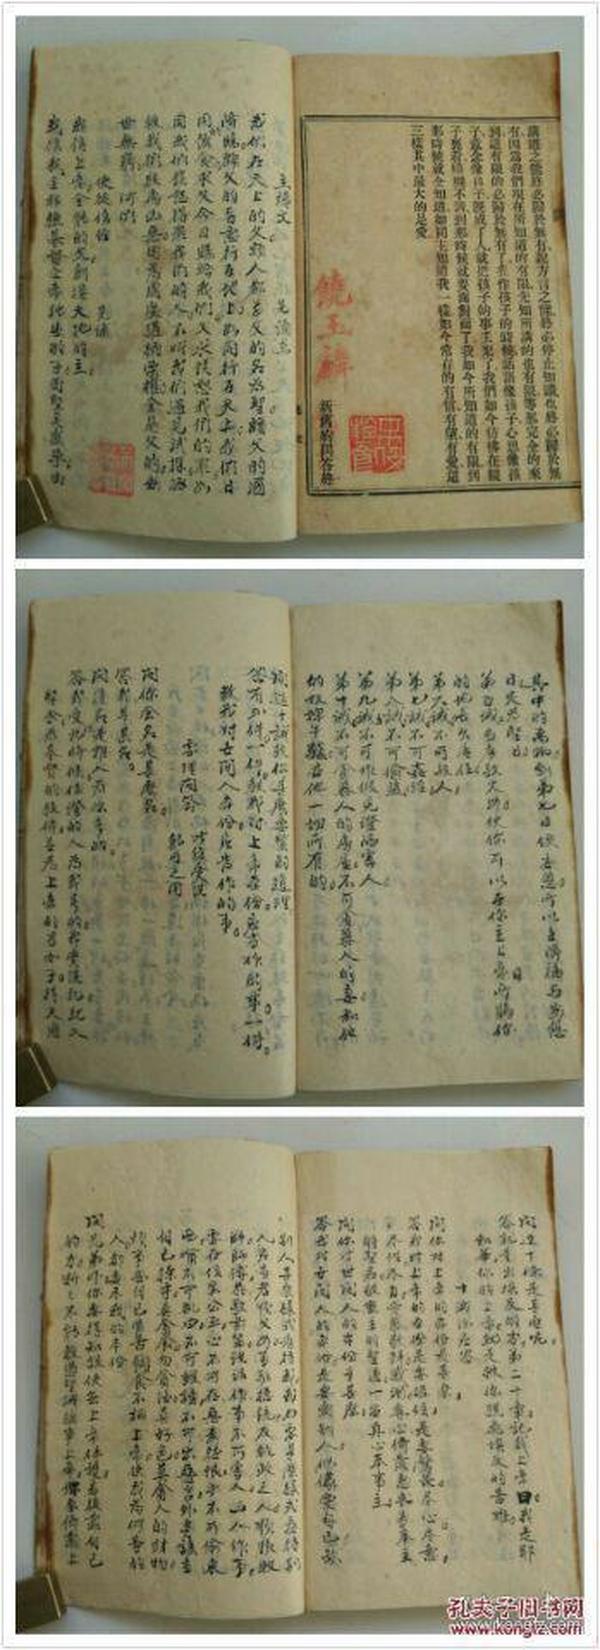 中国圣教书会印发,上海美华书馆摆印民国三年1914《新旧约问答》一册全,后加名家手写教会内容合订一册印章多枚 .内多版画和彩色题图非常罕见的基督教文献